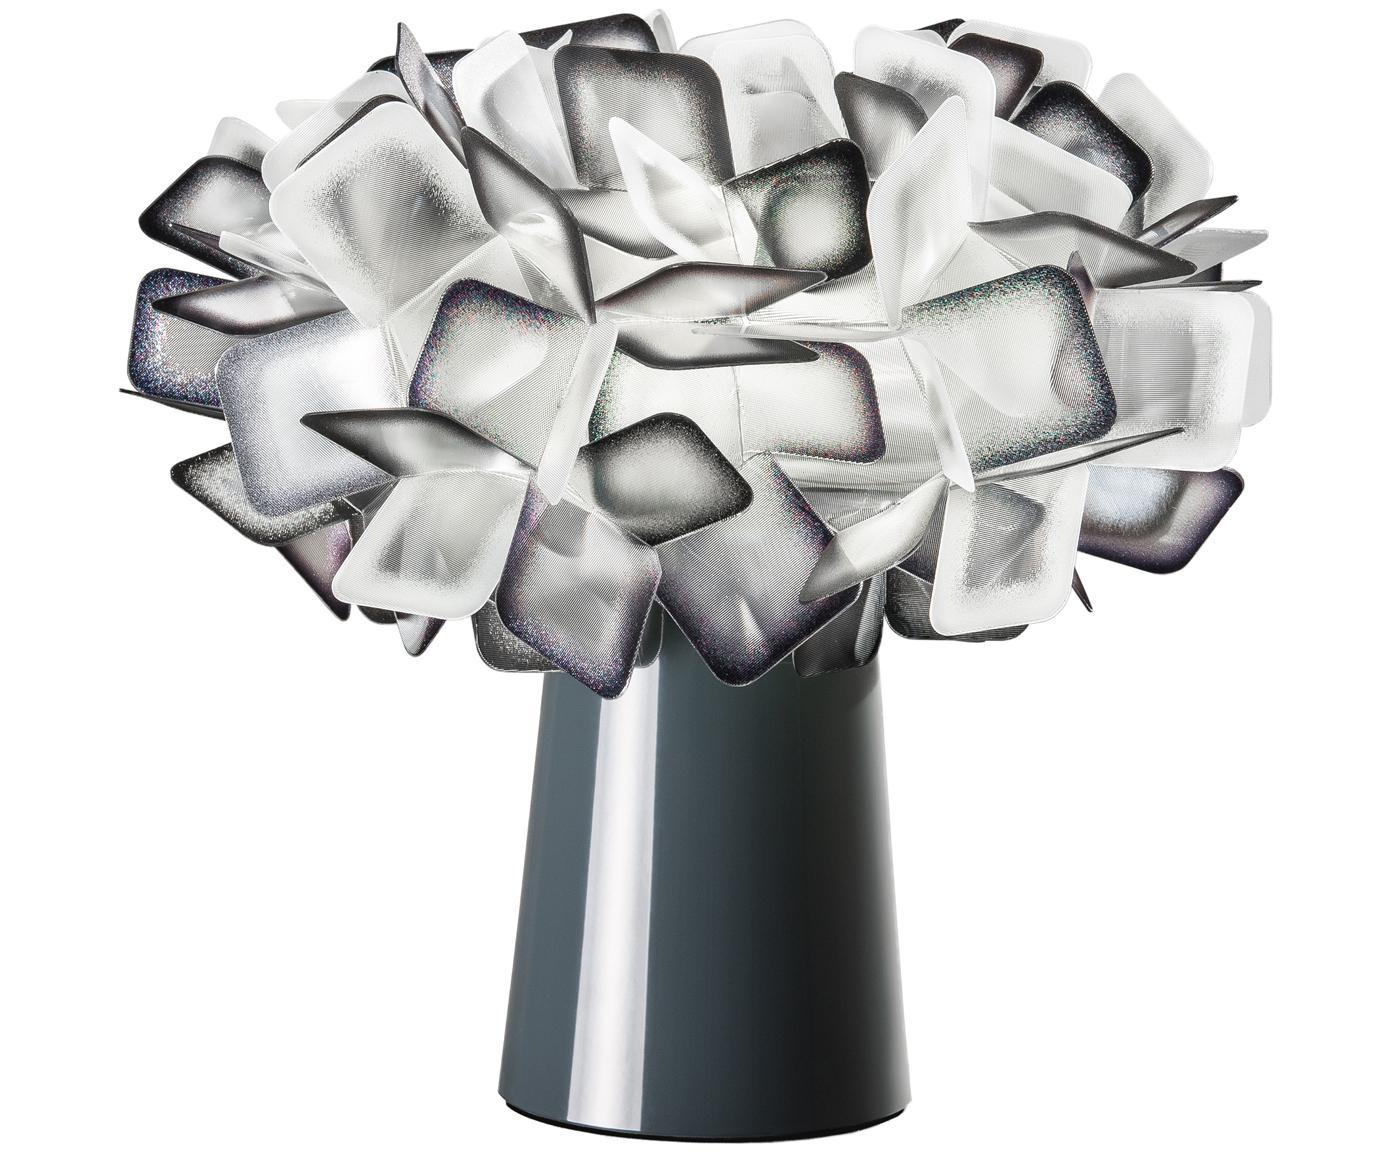 Lampada da tavolo di design Clizia, Paralume: tecnopolimero Lentiflex®,, Base della lampada: acciaio rivestito, Trasparente, nero, Ø 27 x Alt. 25 cm